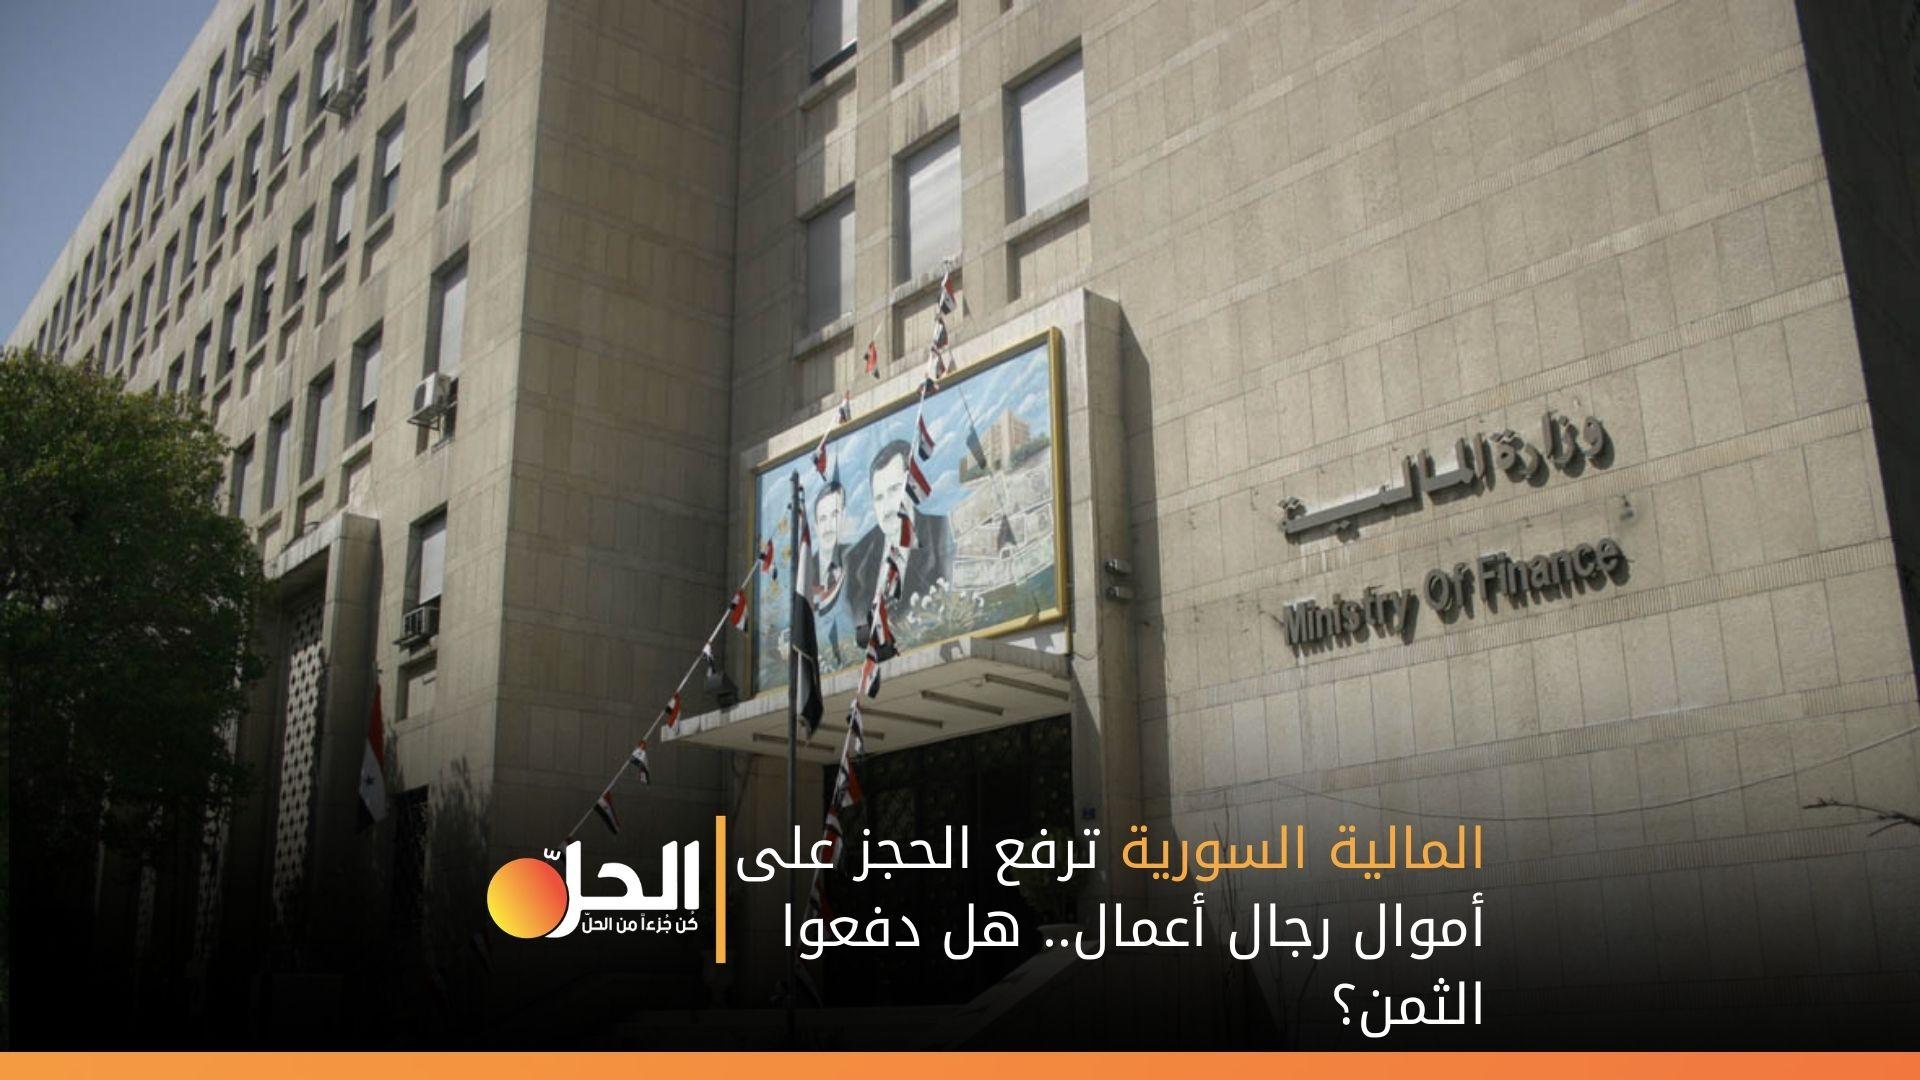 المالية السورية ترفع الحجز على أموال رجال أعمال.. هل دفعوا الثمن؟